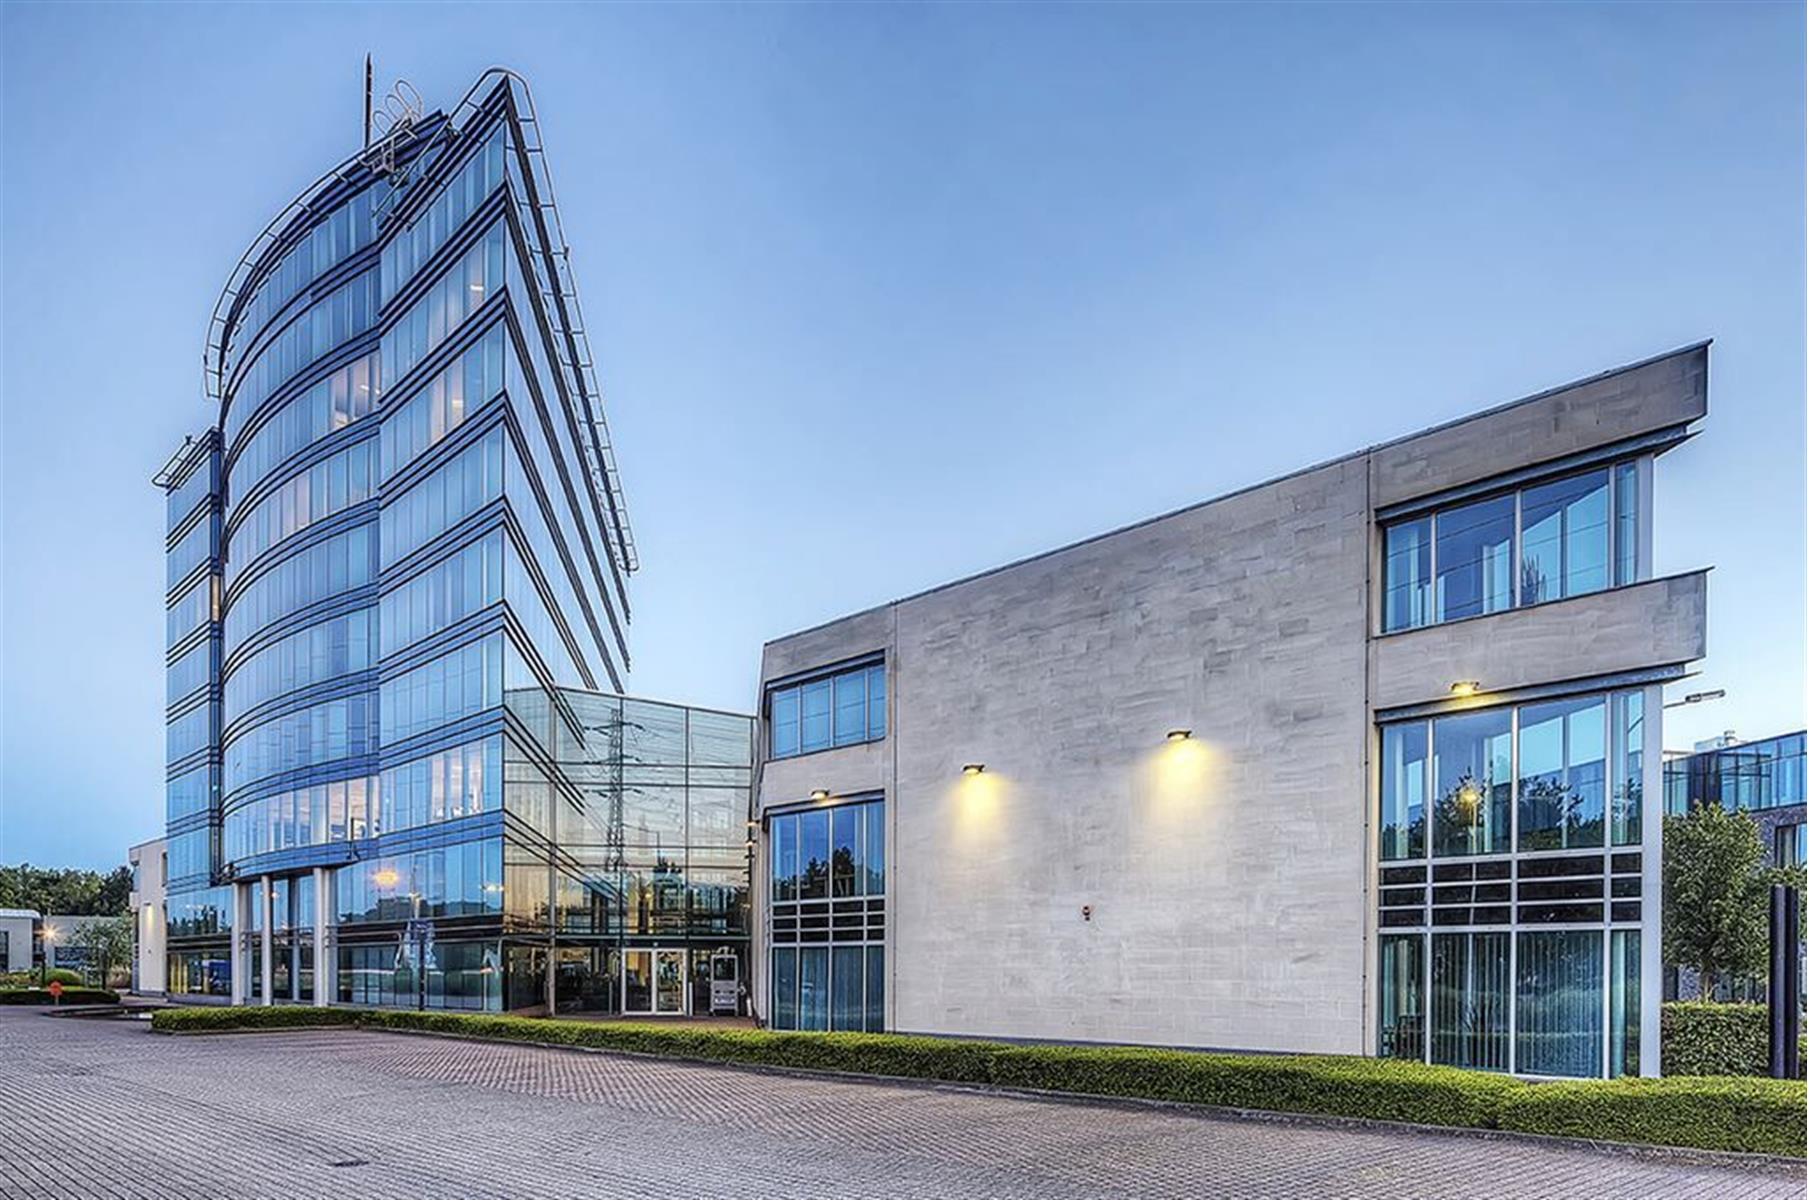 kantoor te huur I132 Blarenberglaan 2